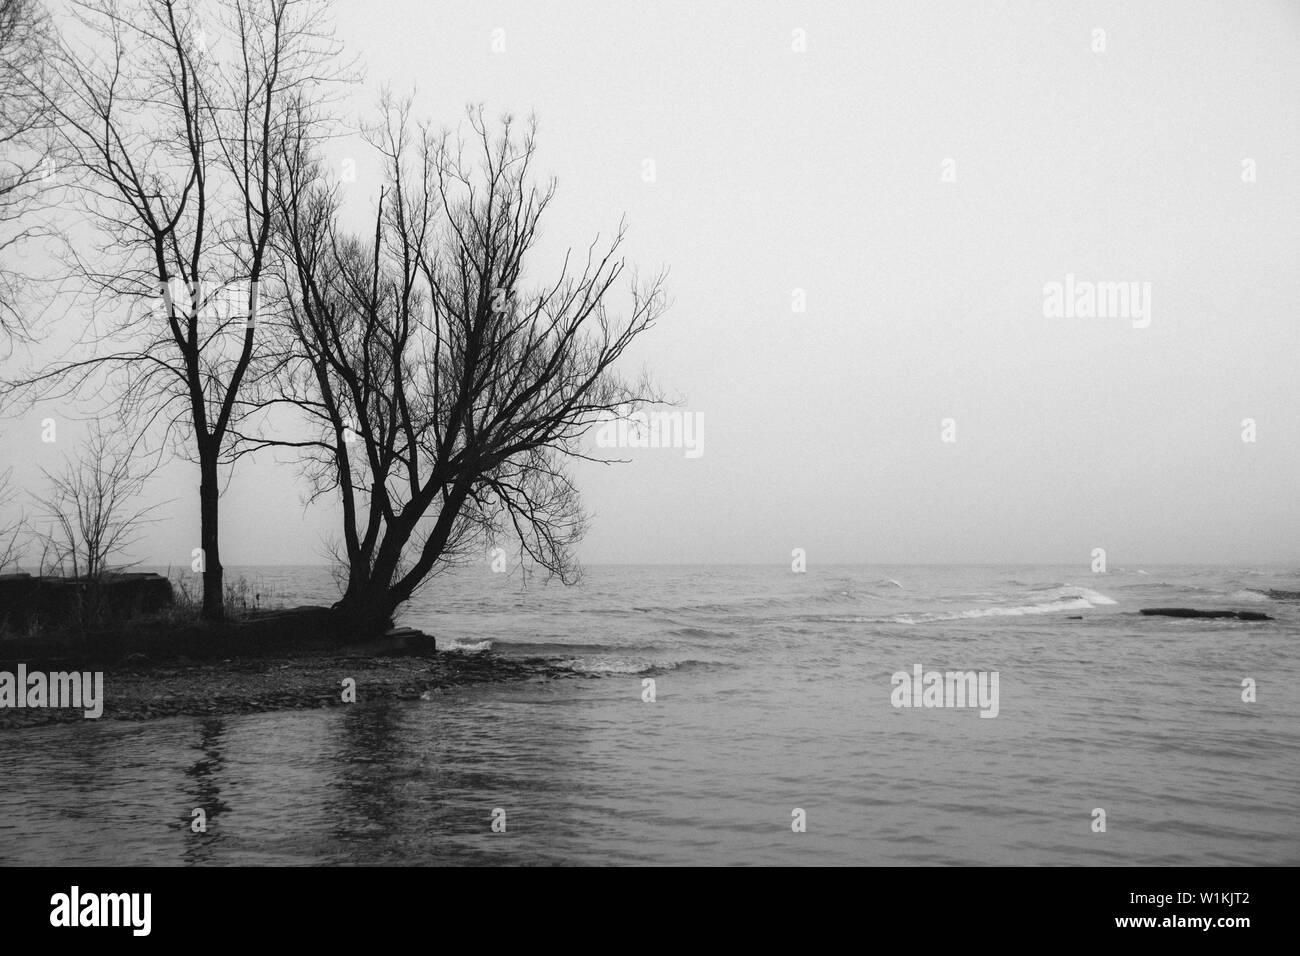 C'était un beau jour brumeux. Au moment où je suis sorti avec l'appareil photo, le brouillard commençait à se dissiper. Photo Stock